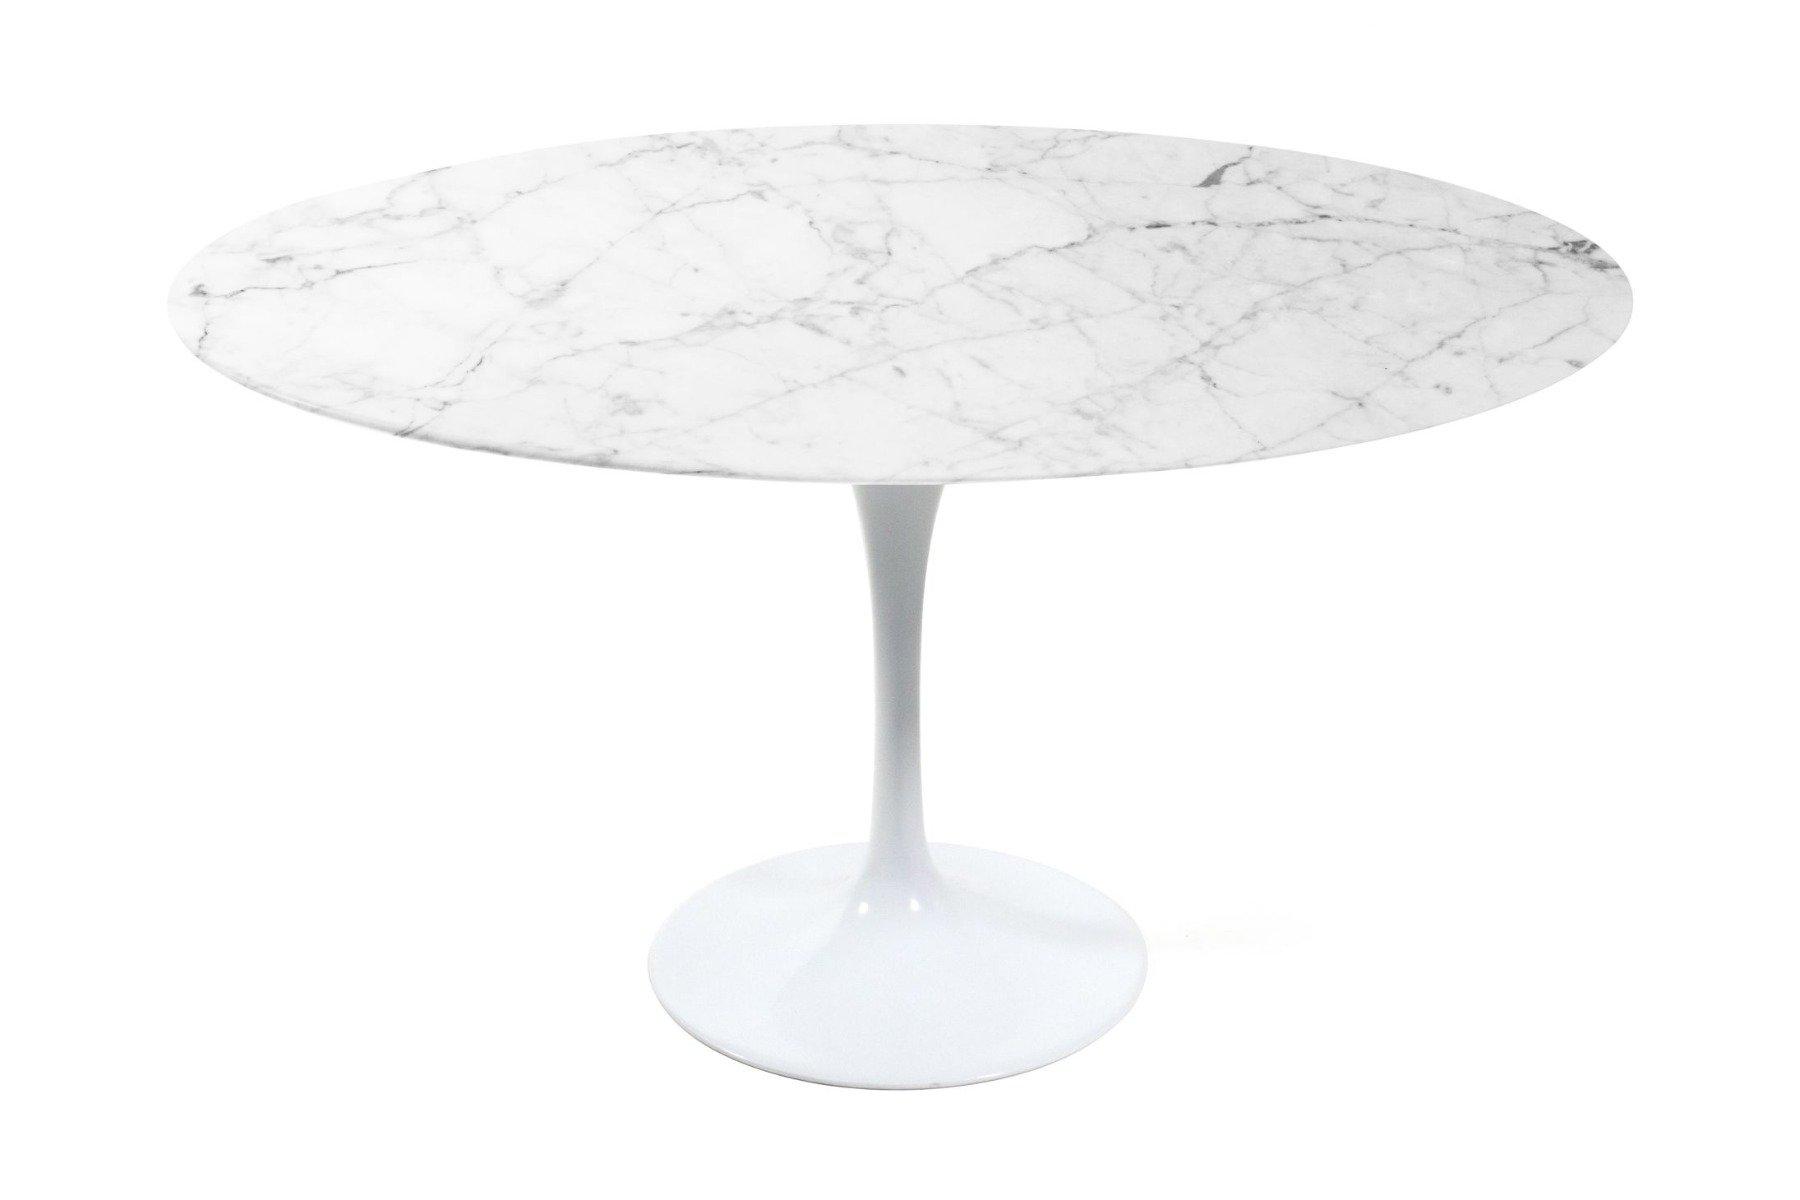 Saarinen 36 Round Tulip Marble Dining Table Eero Saarinen Njmodern Furniture